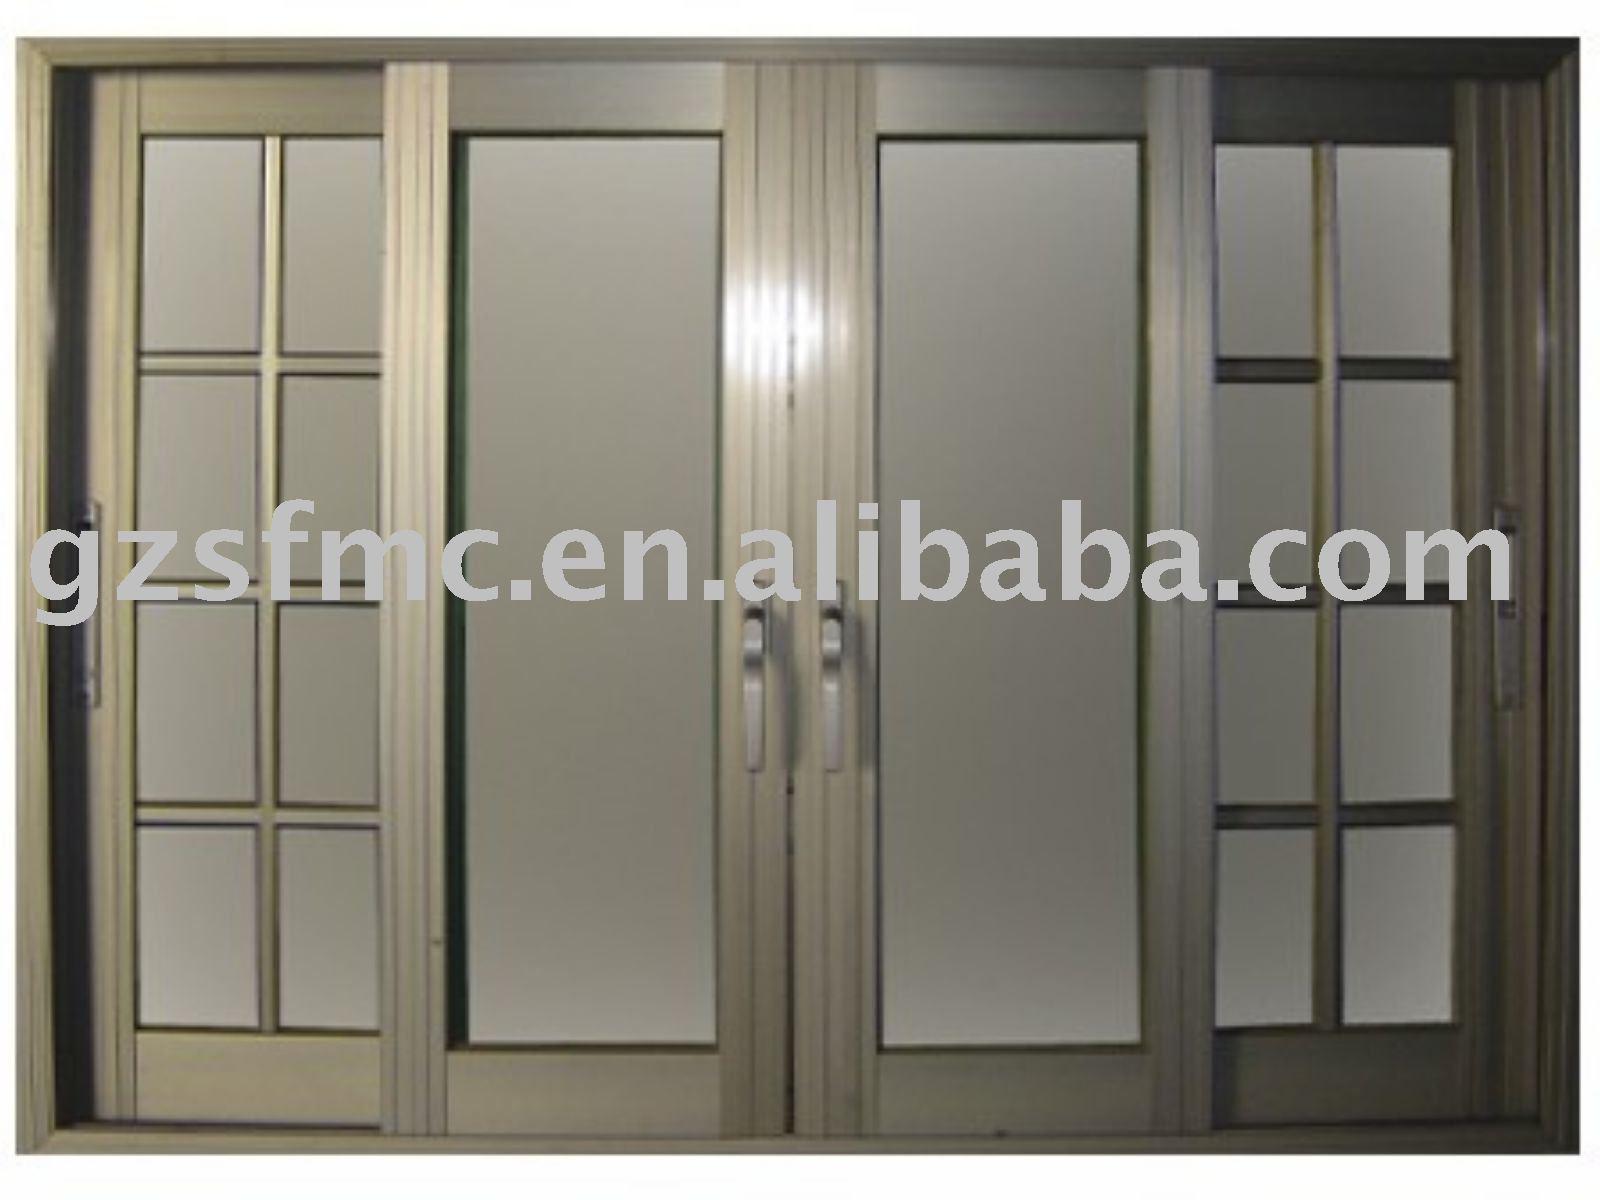 #776E54 Janela de alumínio Windows ID do produto:303956355 portuguese.alibaba  1928 Janela De Aluminio Tamanho Padrão